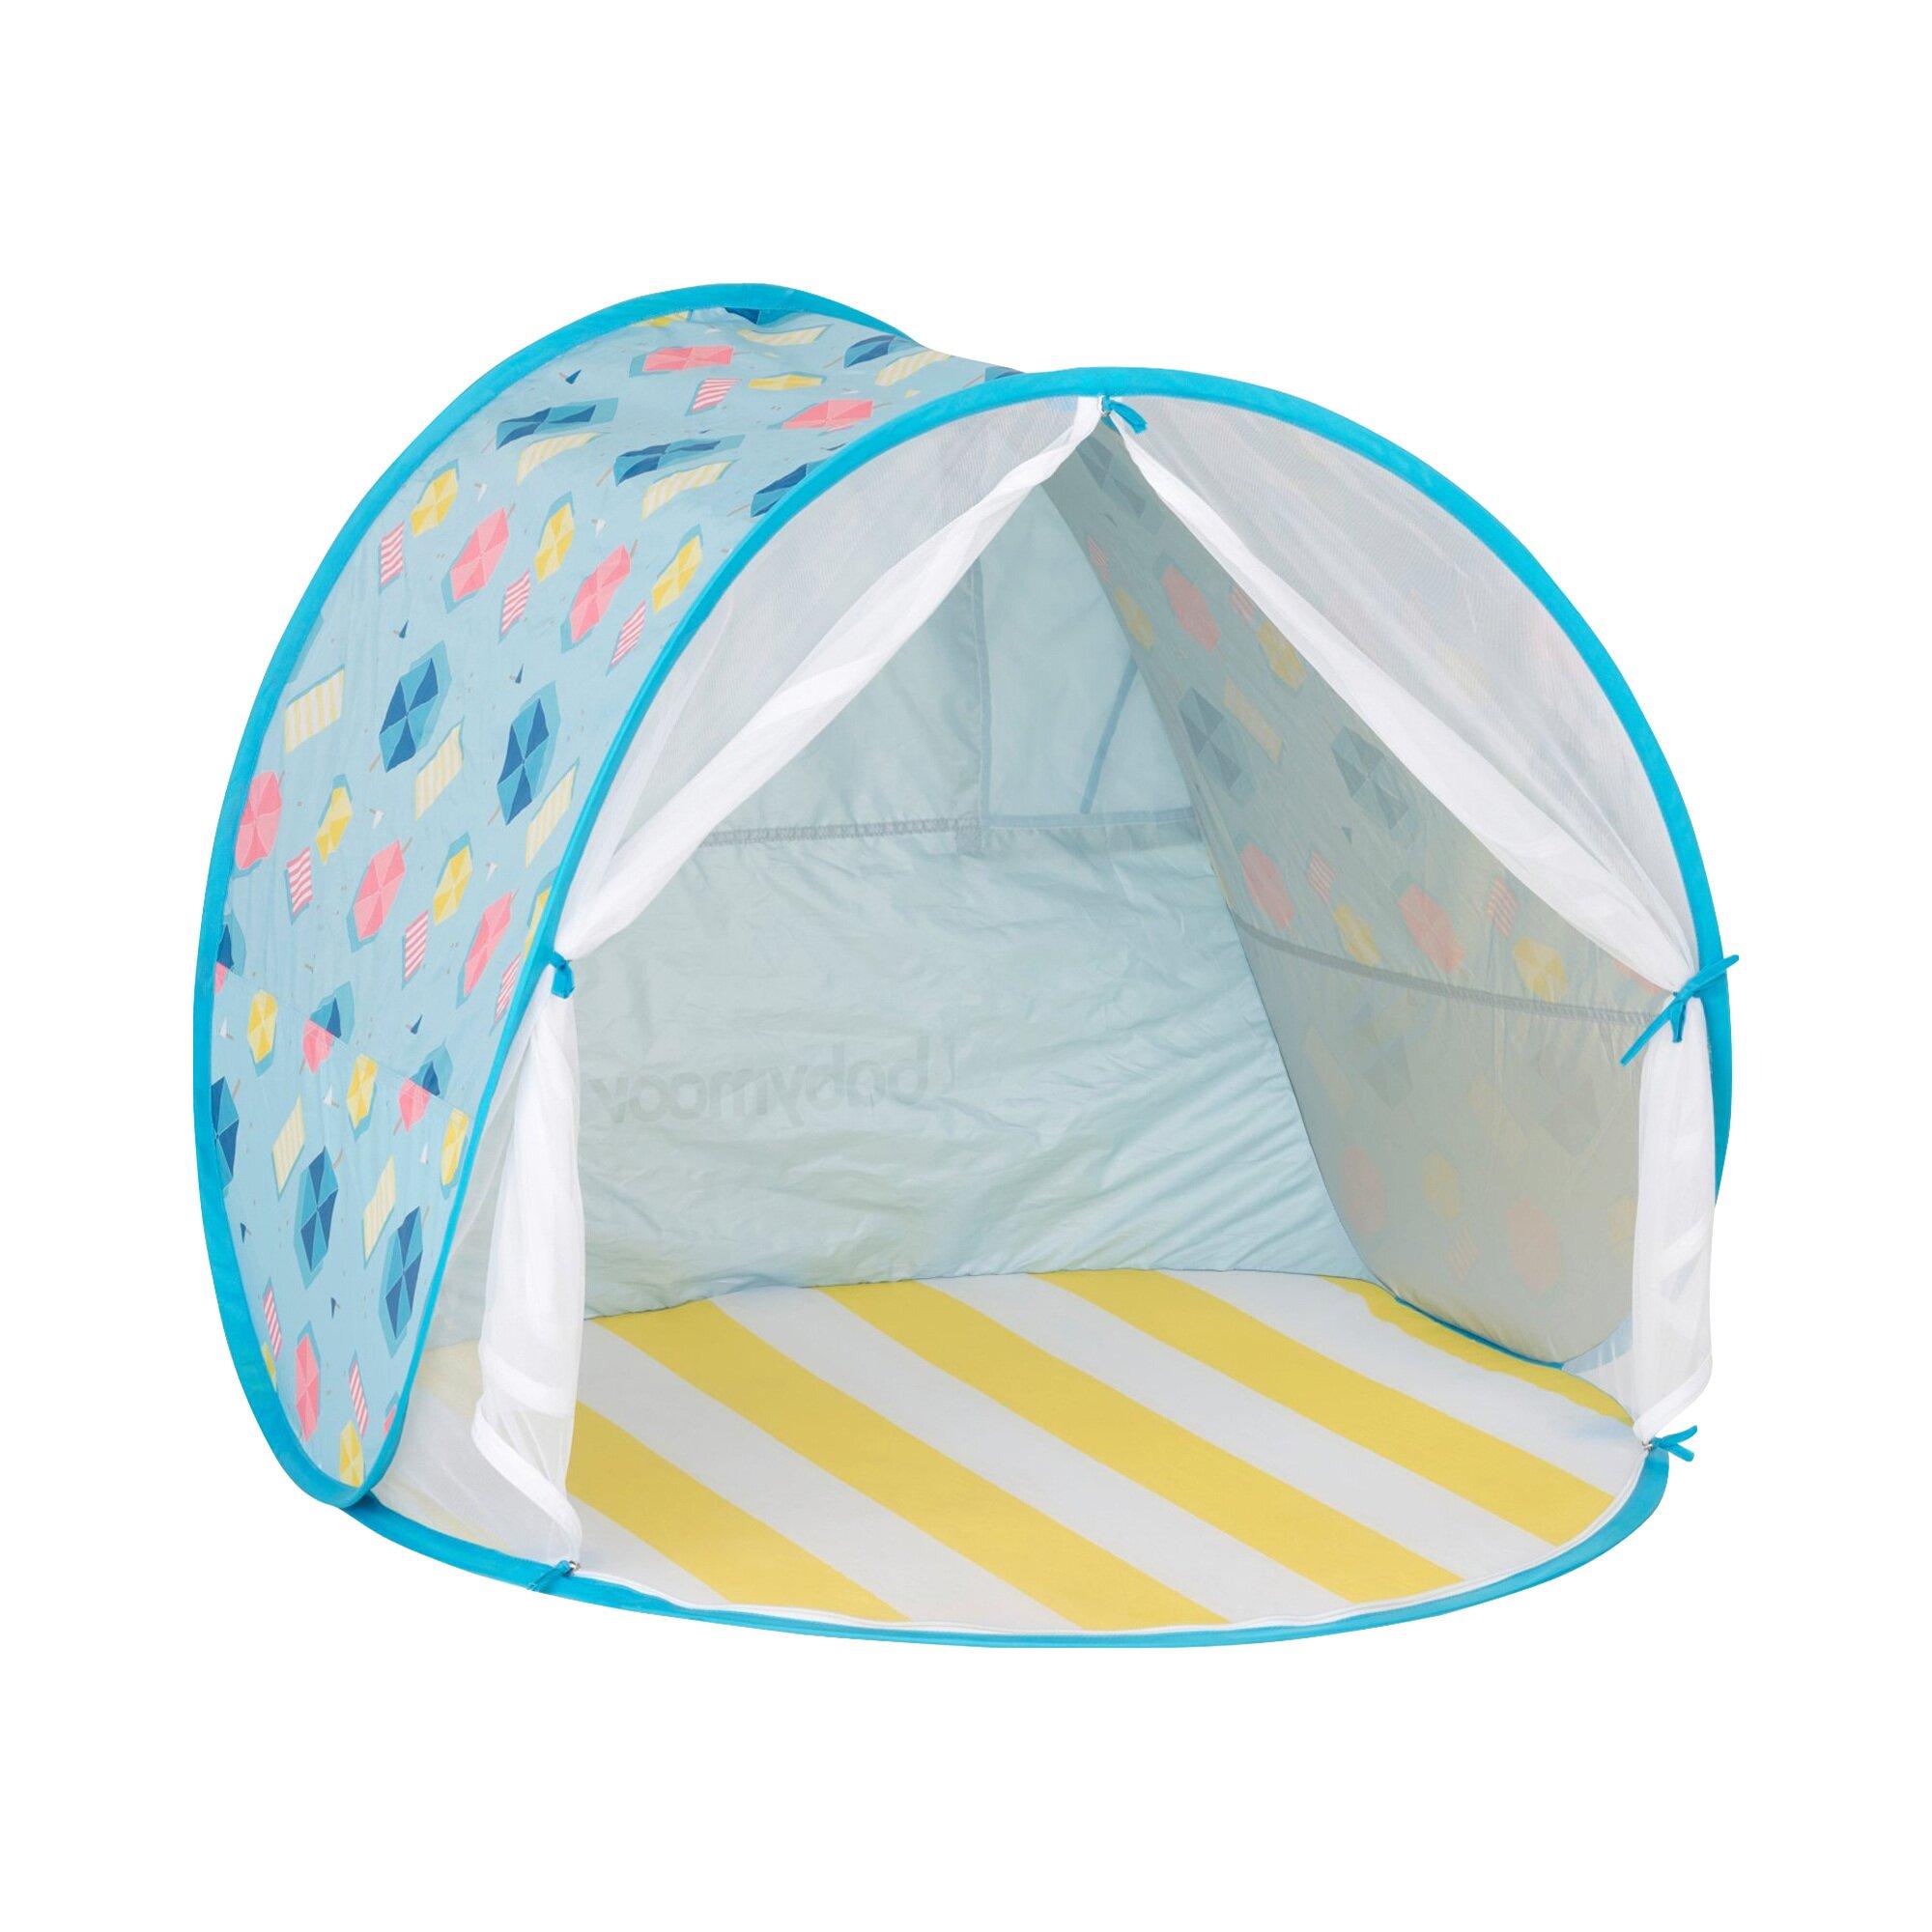 Babymoov Strandmuschel UV-Schutzzelt